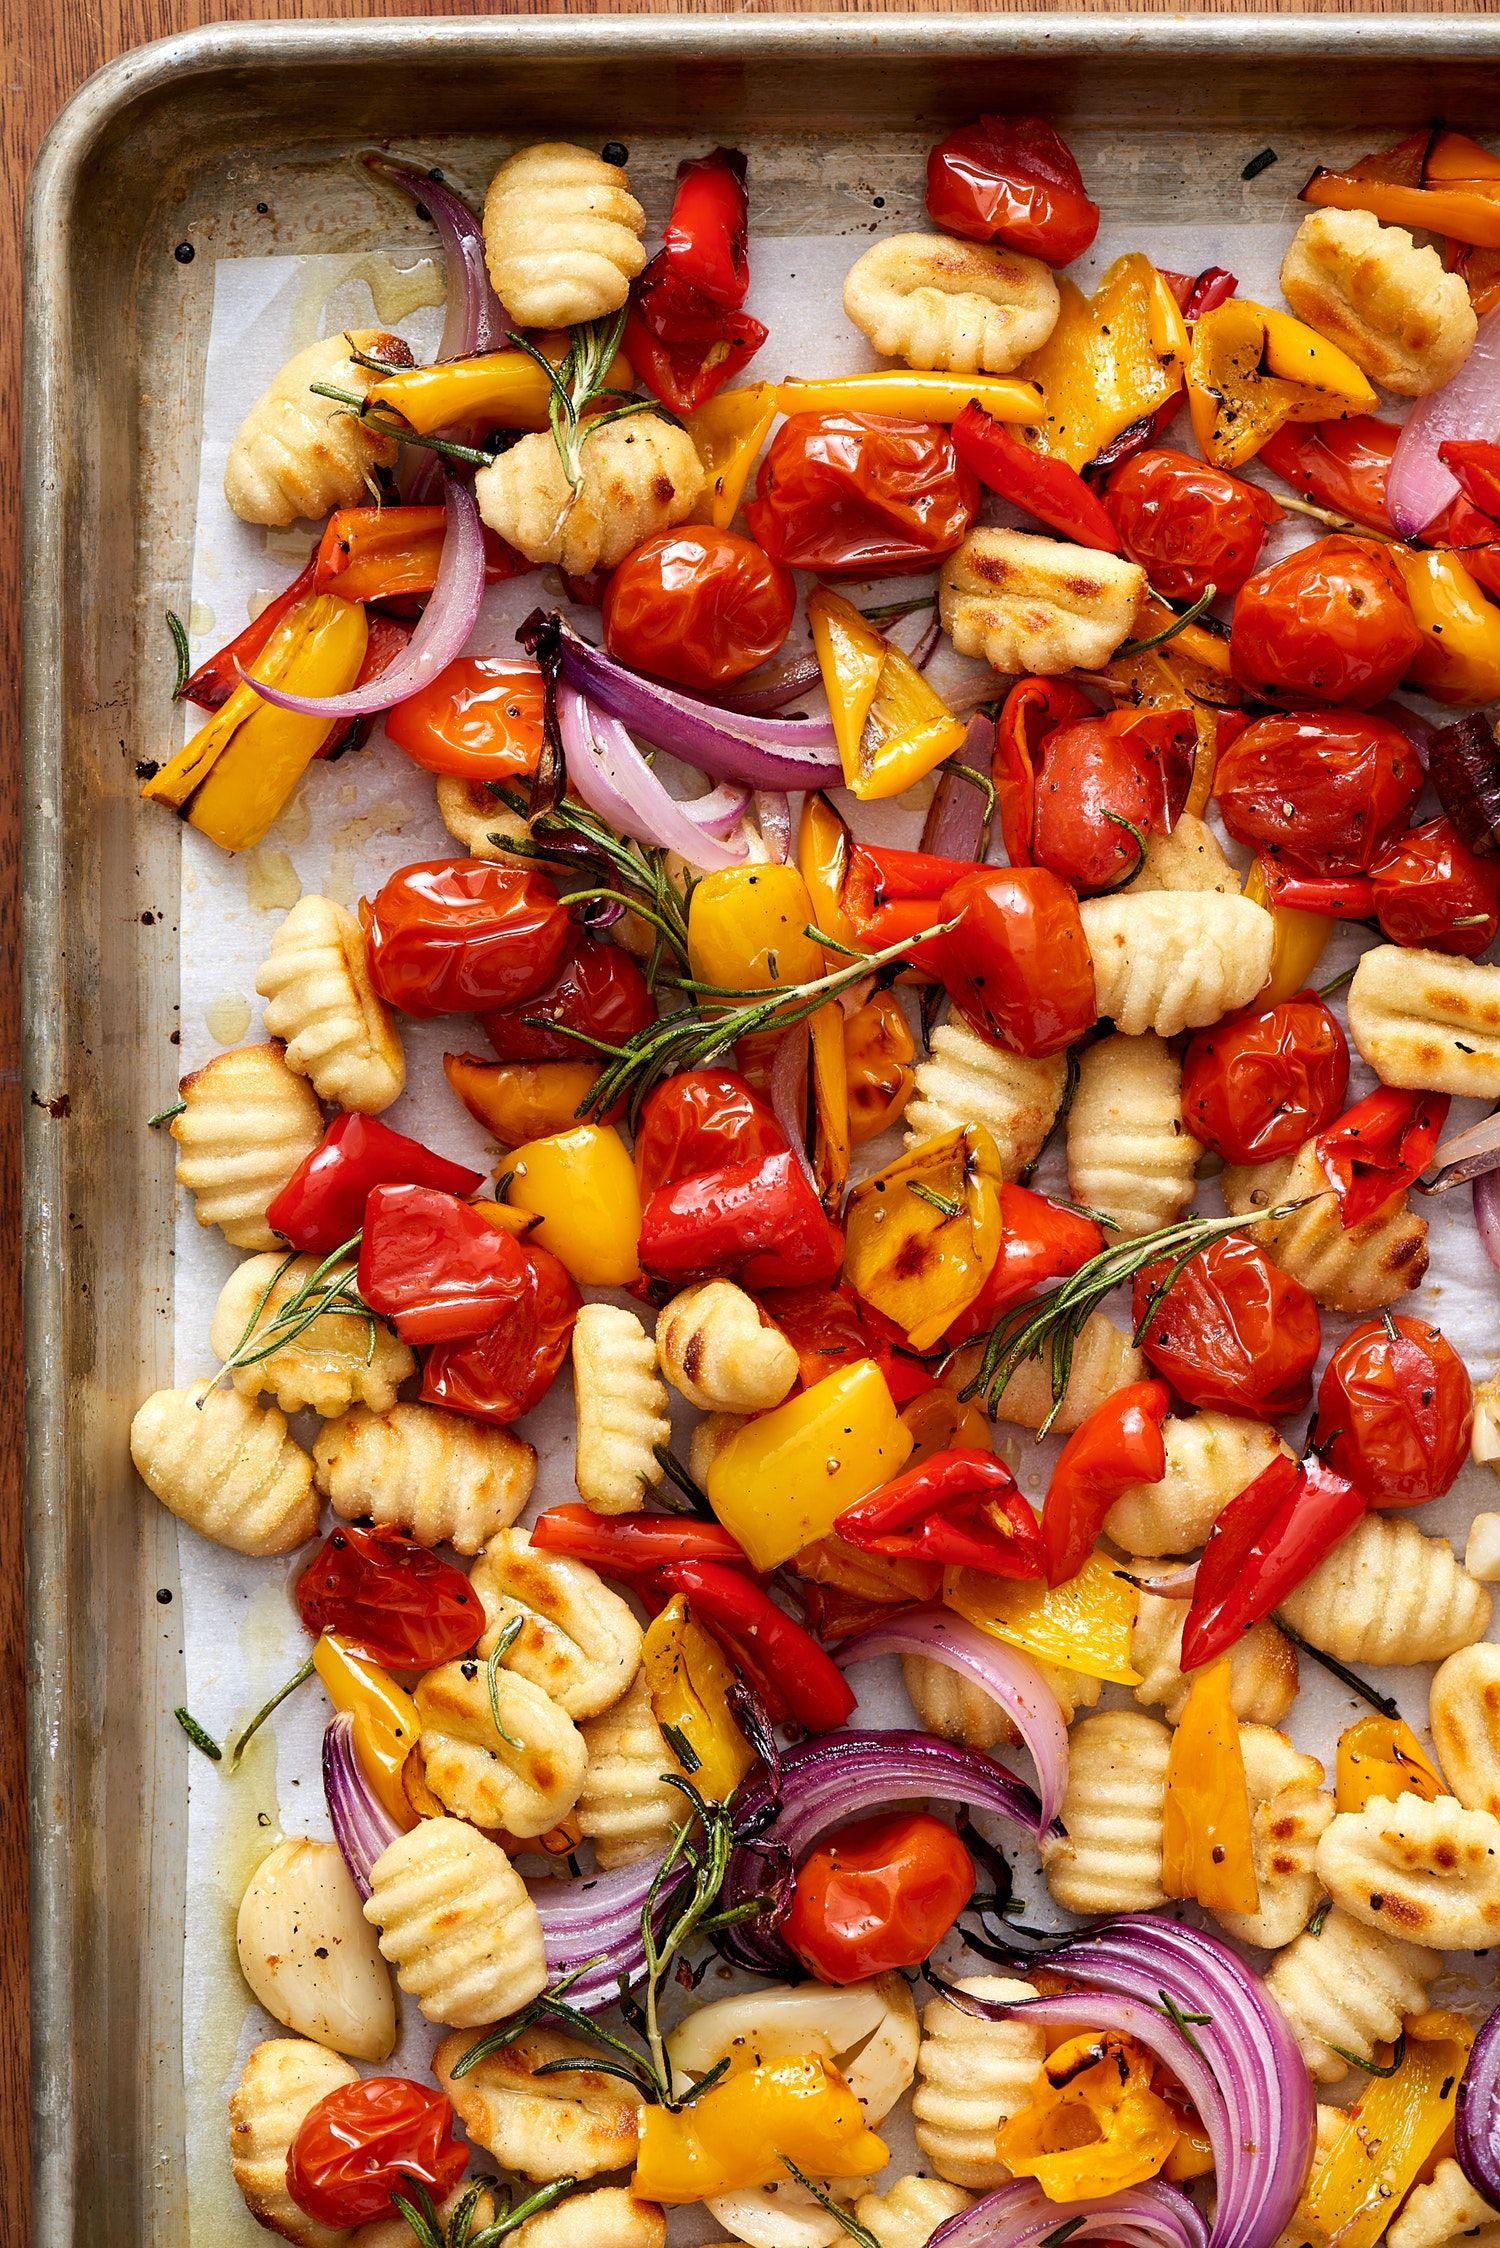 Crispy Sheet Pan Gnocchi And Veggies